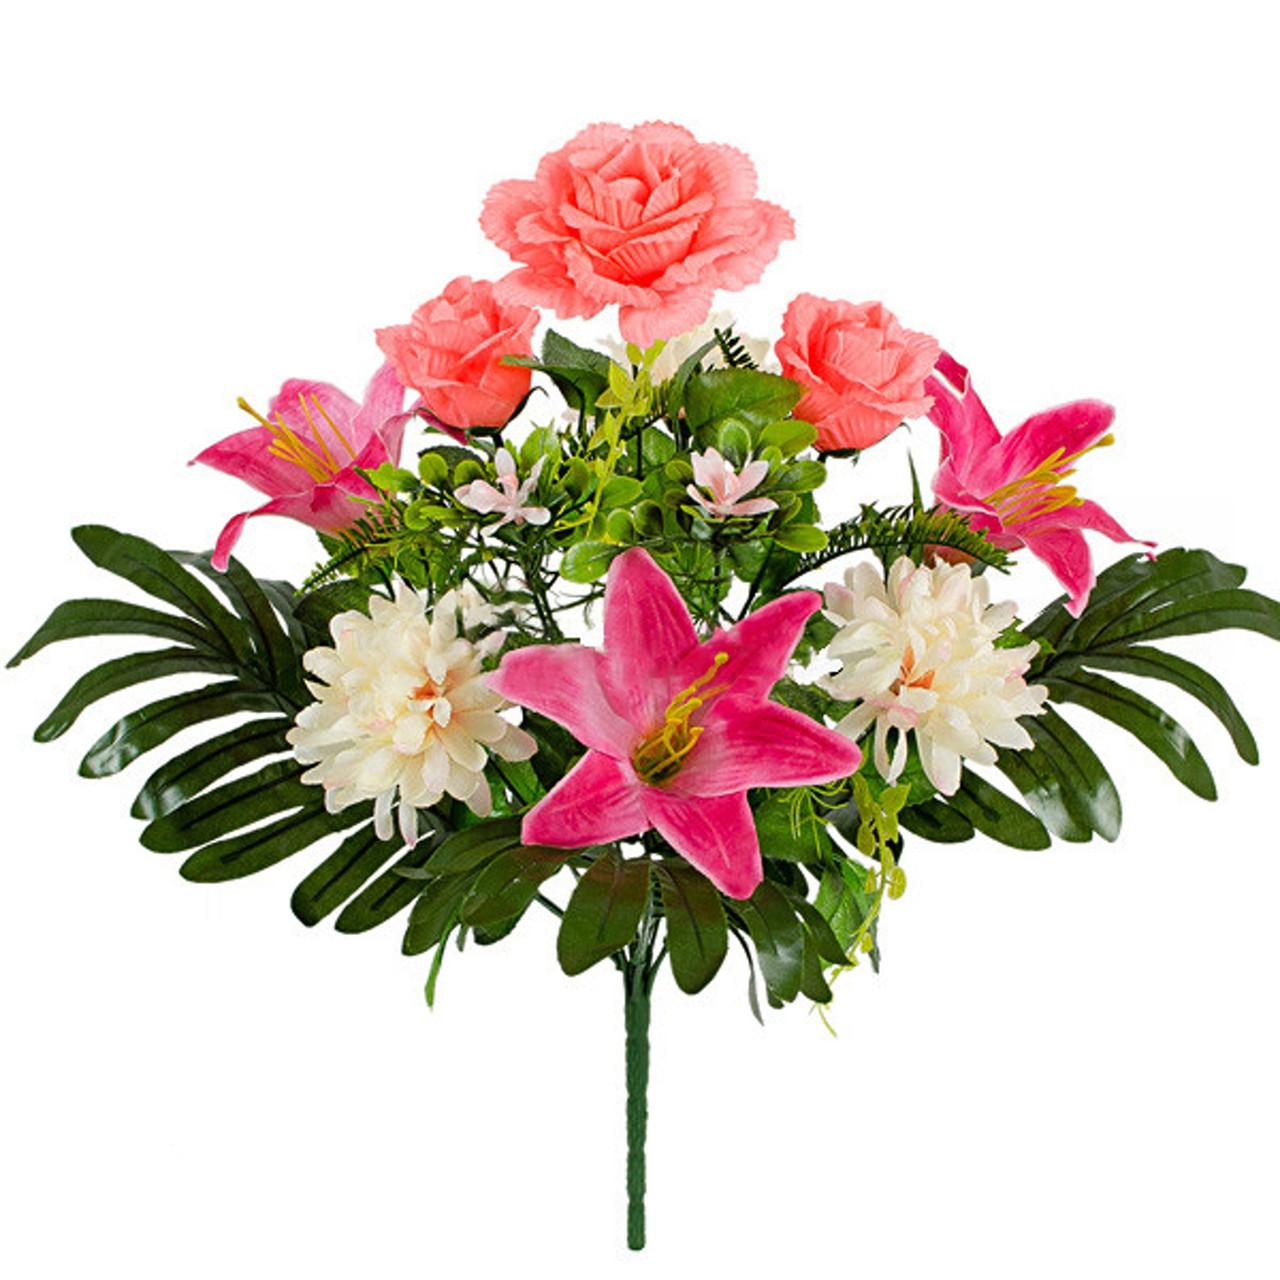 Букет Коктейль  роз, лилий и хризантем, 48см (10 шт в уп)